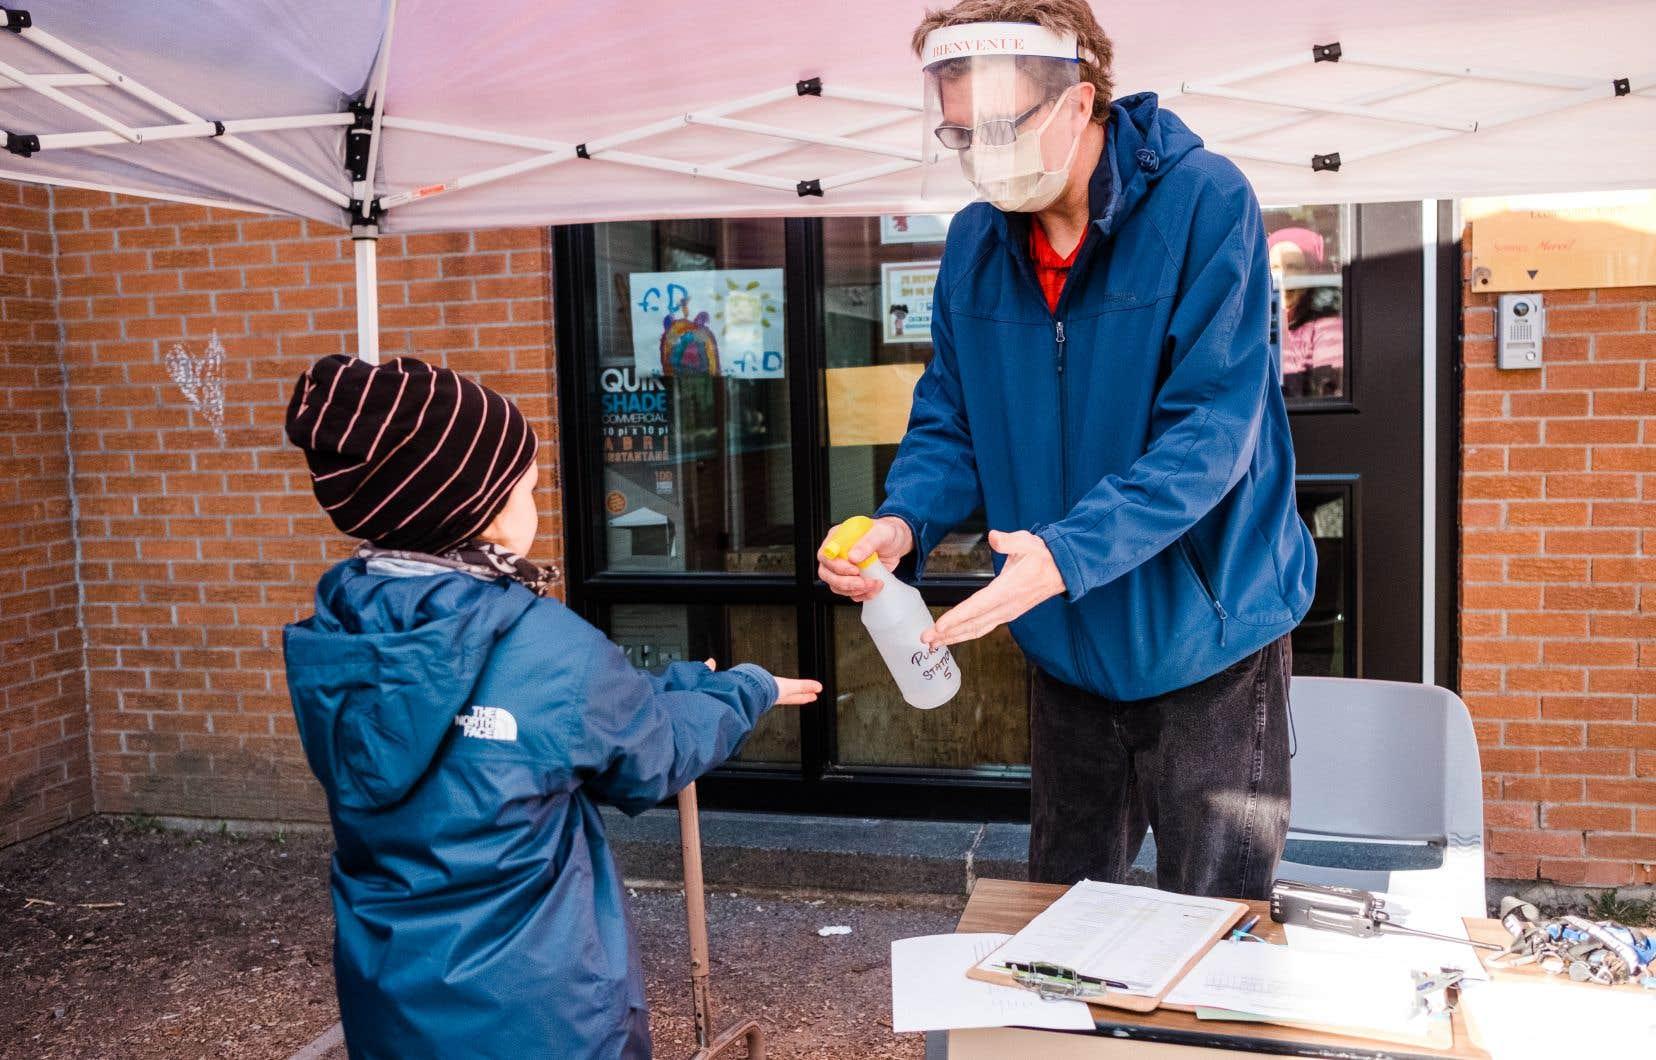 À l'école des Berges, à Québec, les enfants devaient passer par la station de désinfection des mains avant d'entrer dans l'école.